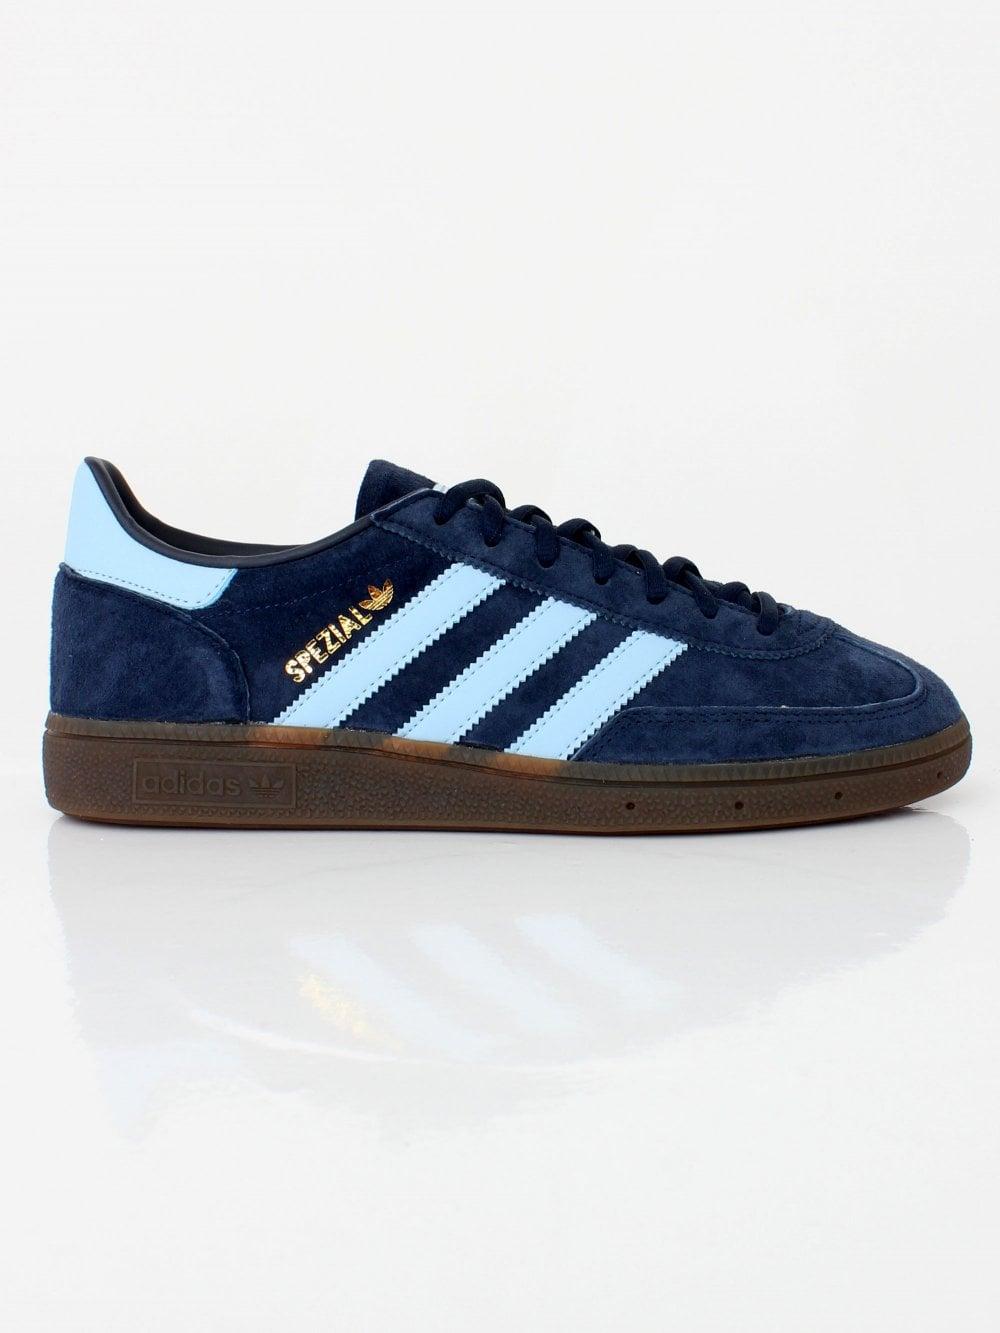 d0a2bff7851 Mens adidas Originals Handball Spezial - Navy Sky Gum